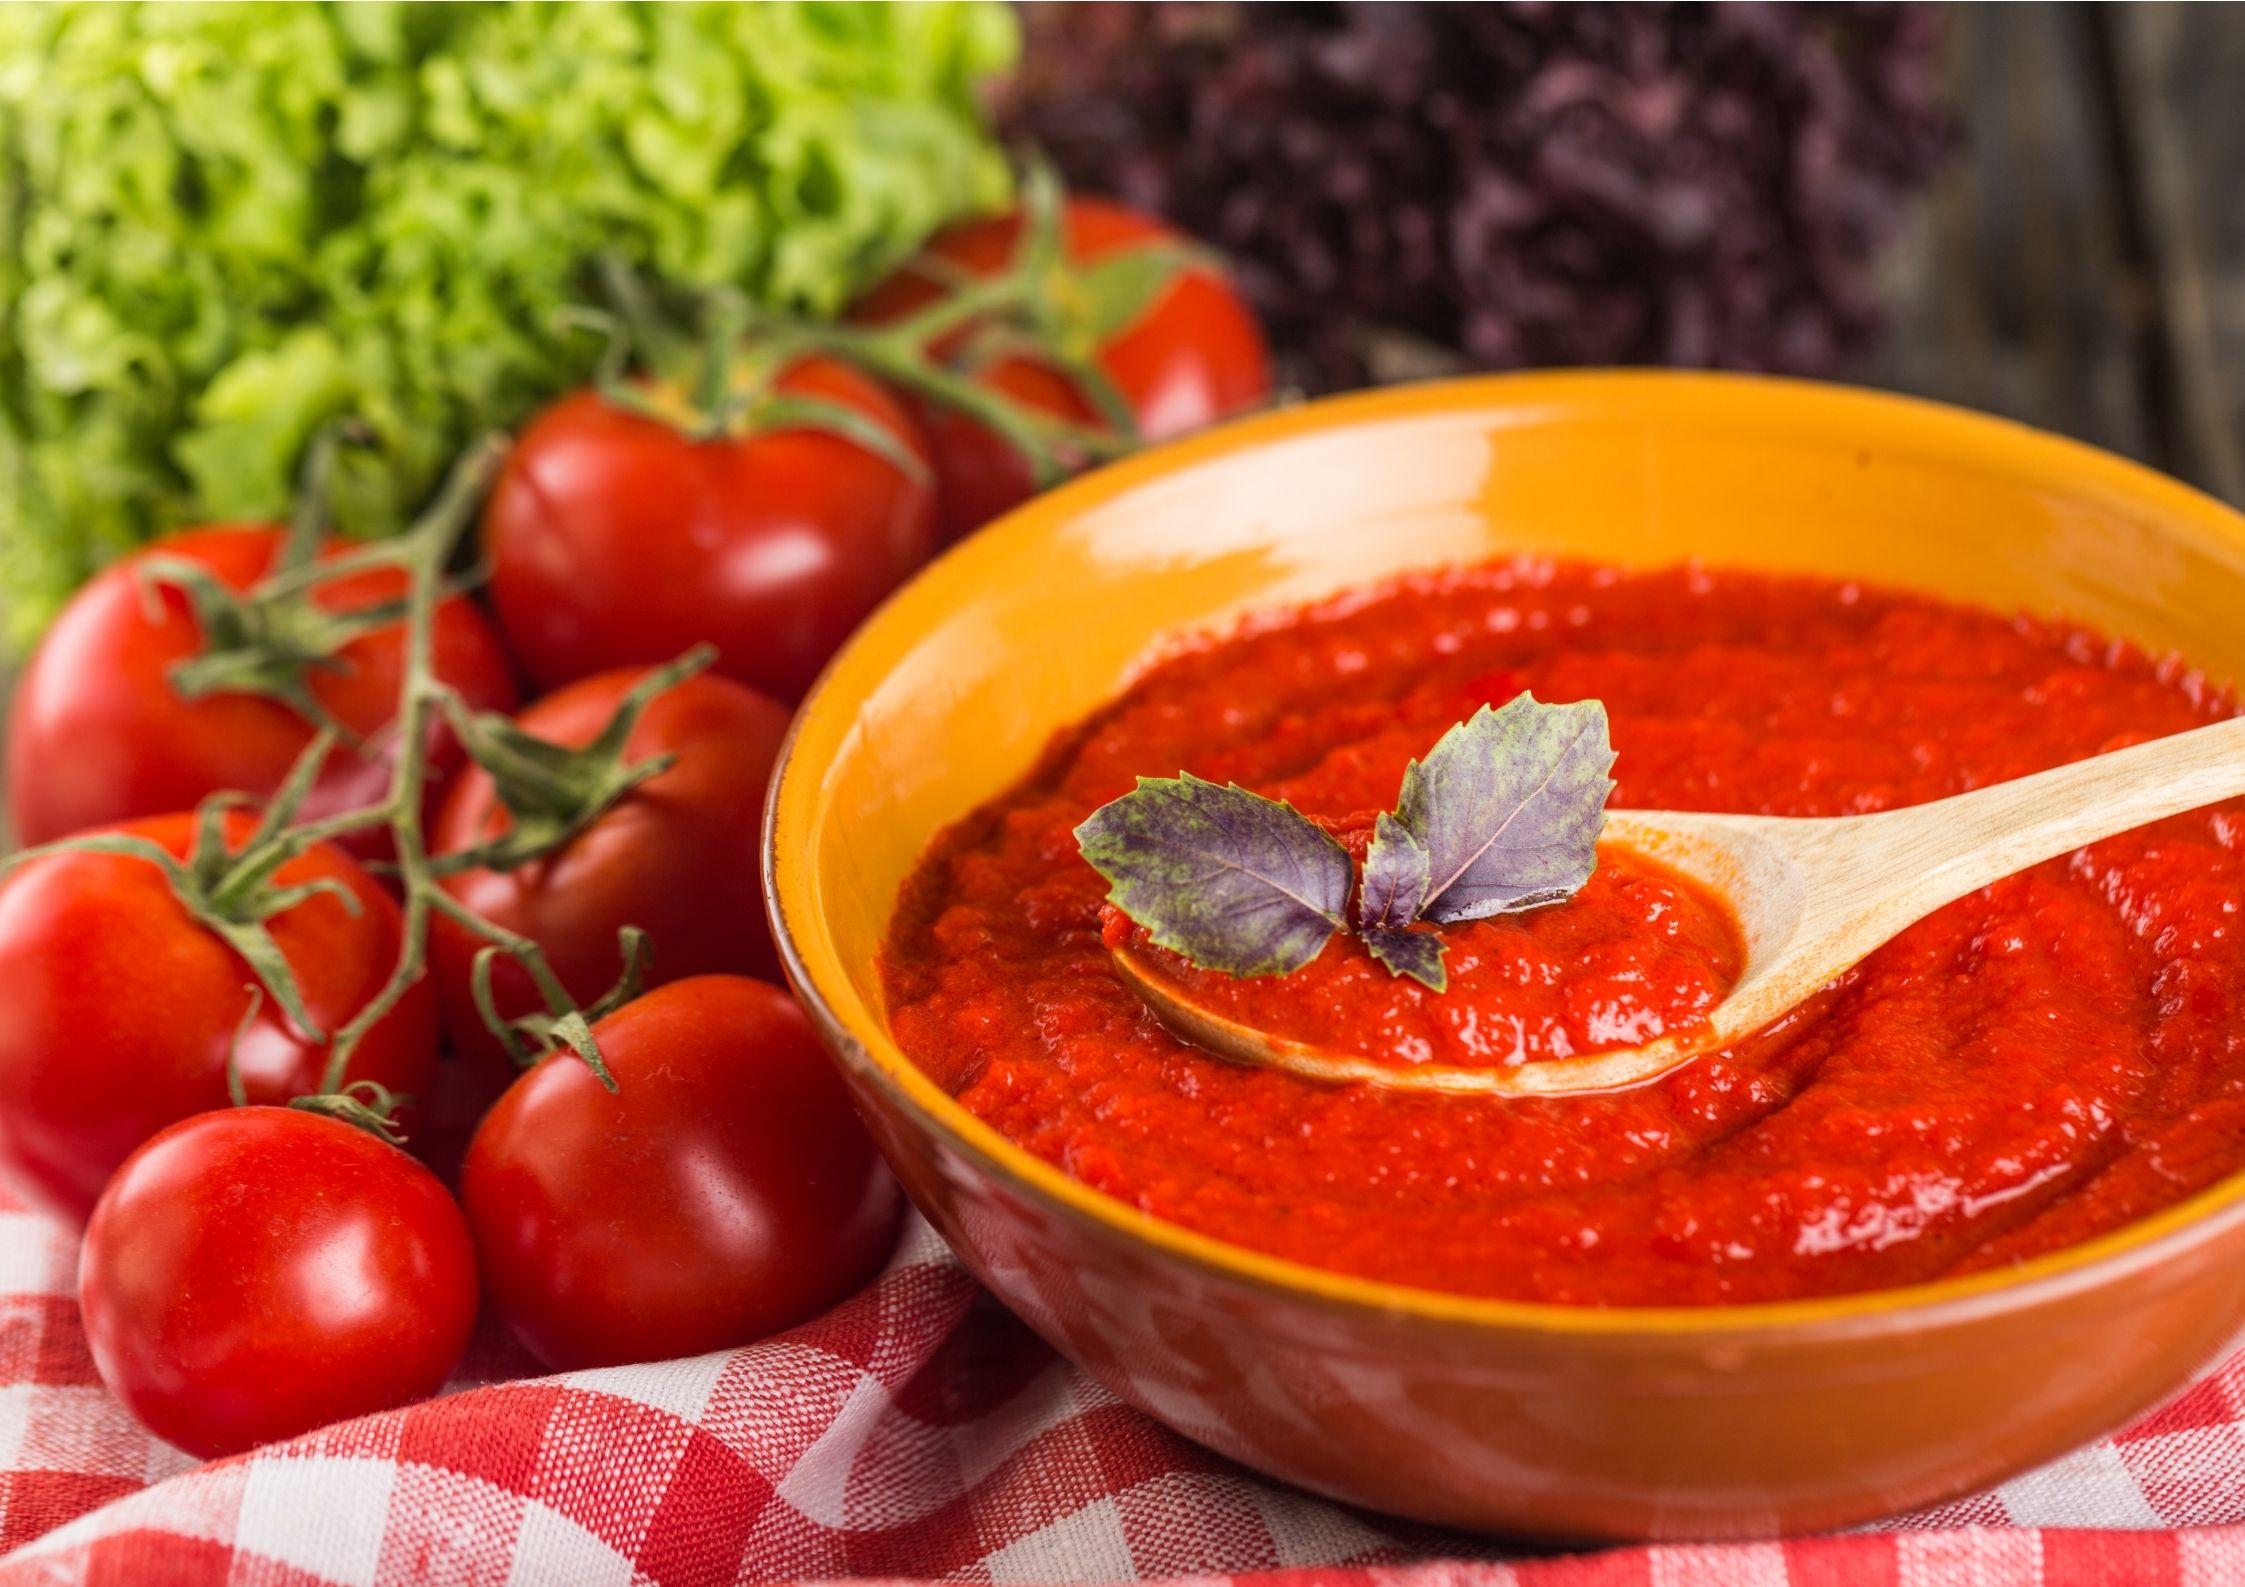 Tomato Sauce Substitutes